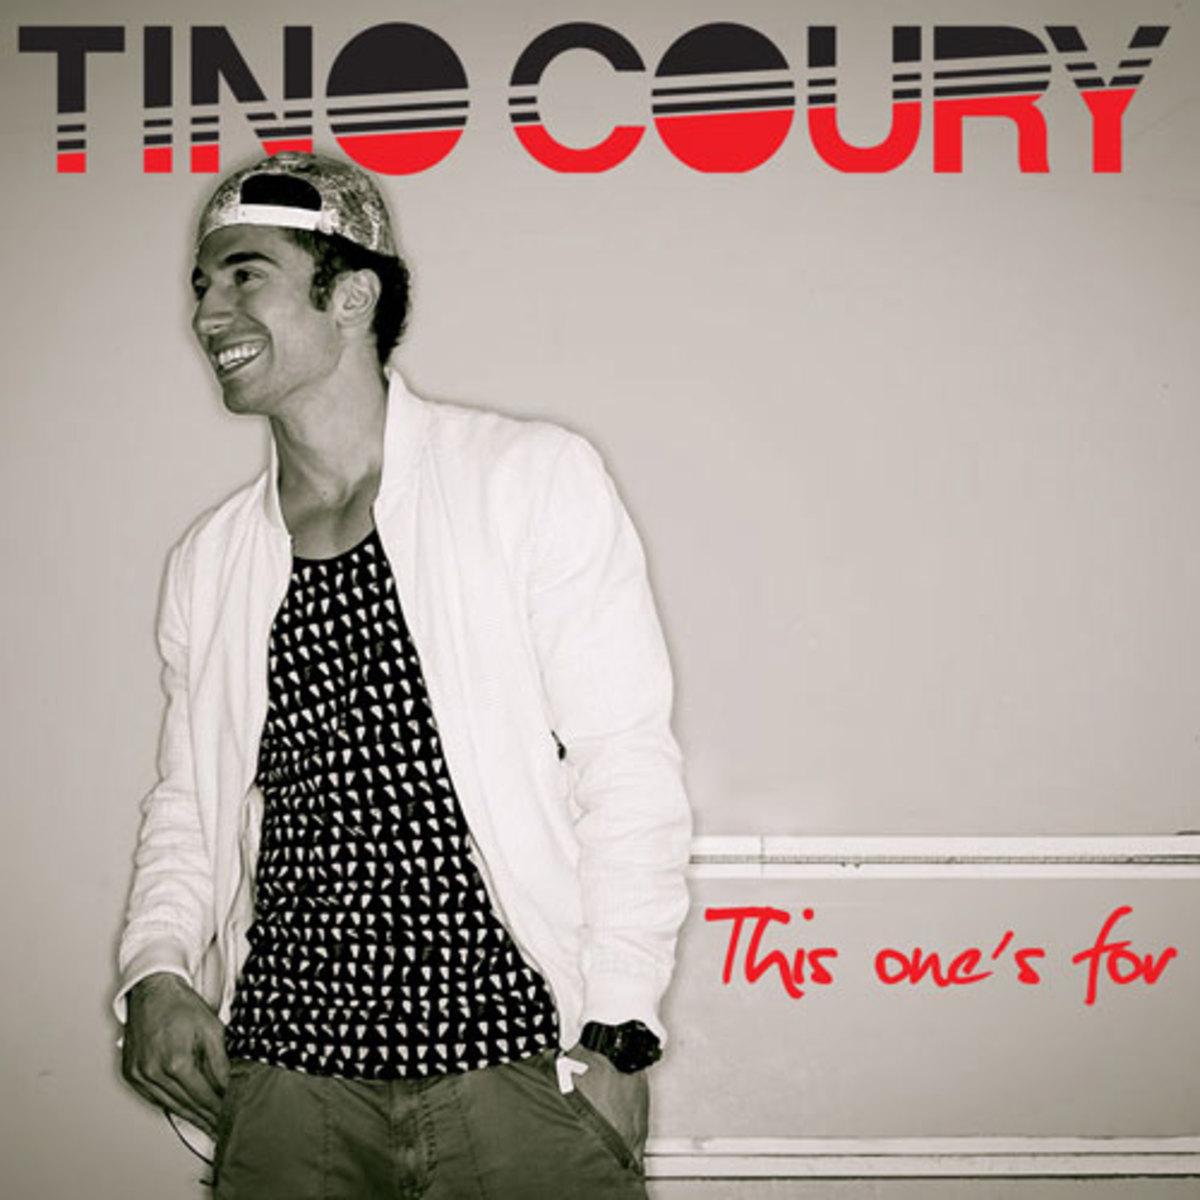 tinocoury-thisonesfor.jpg